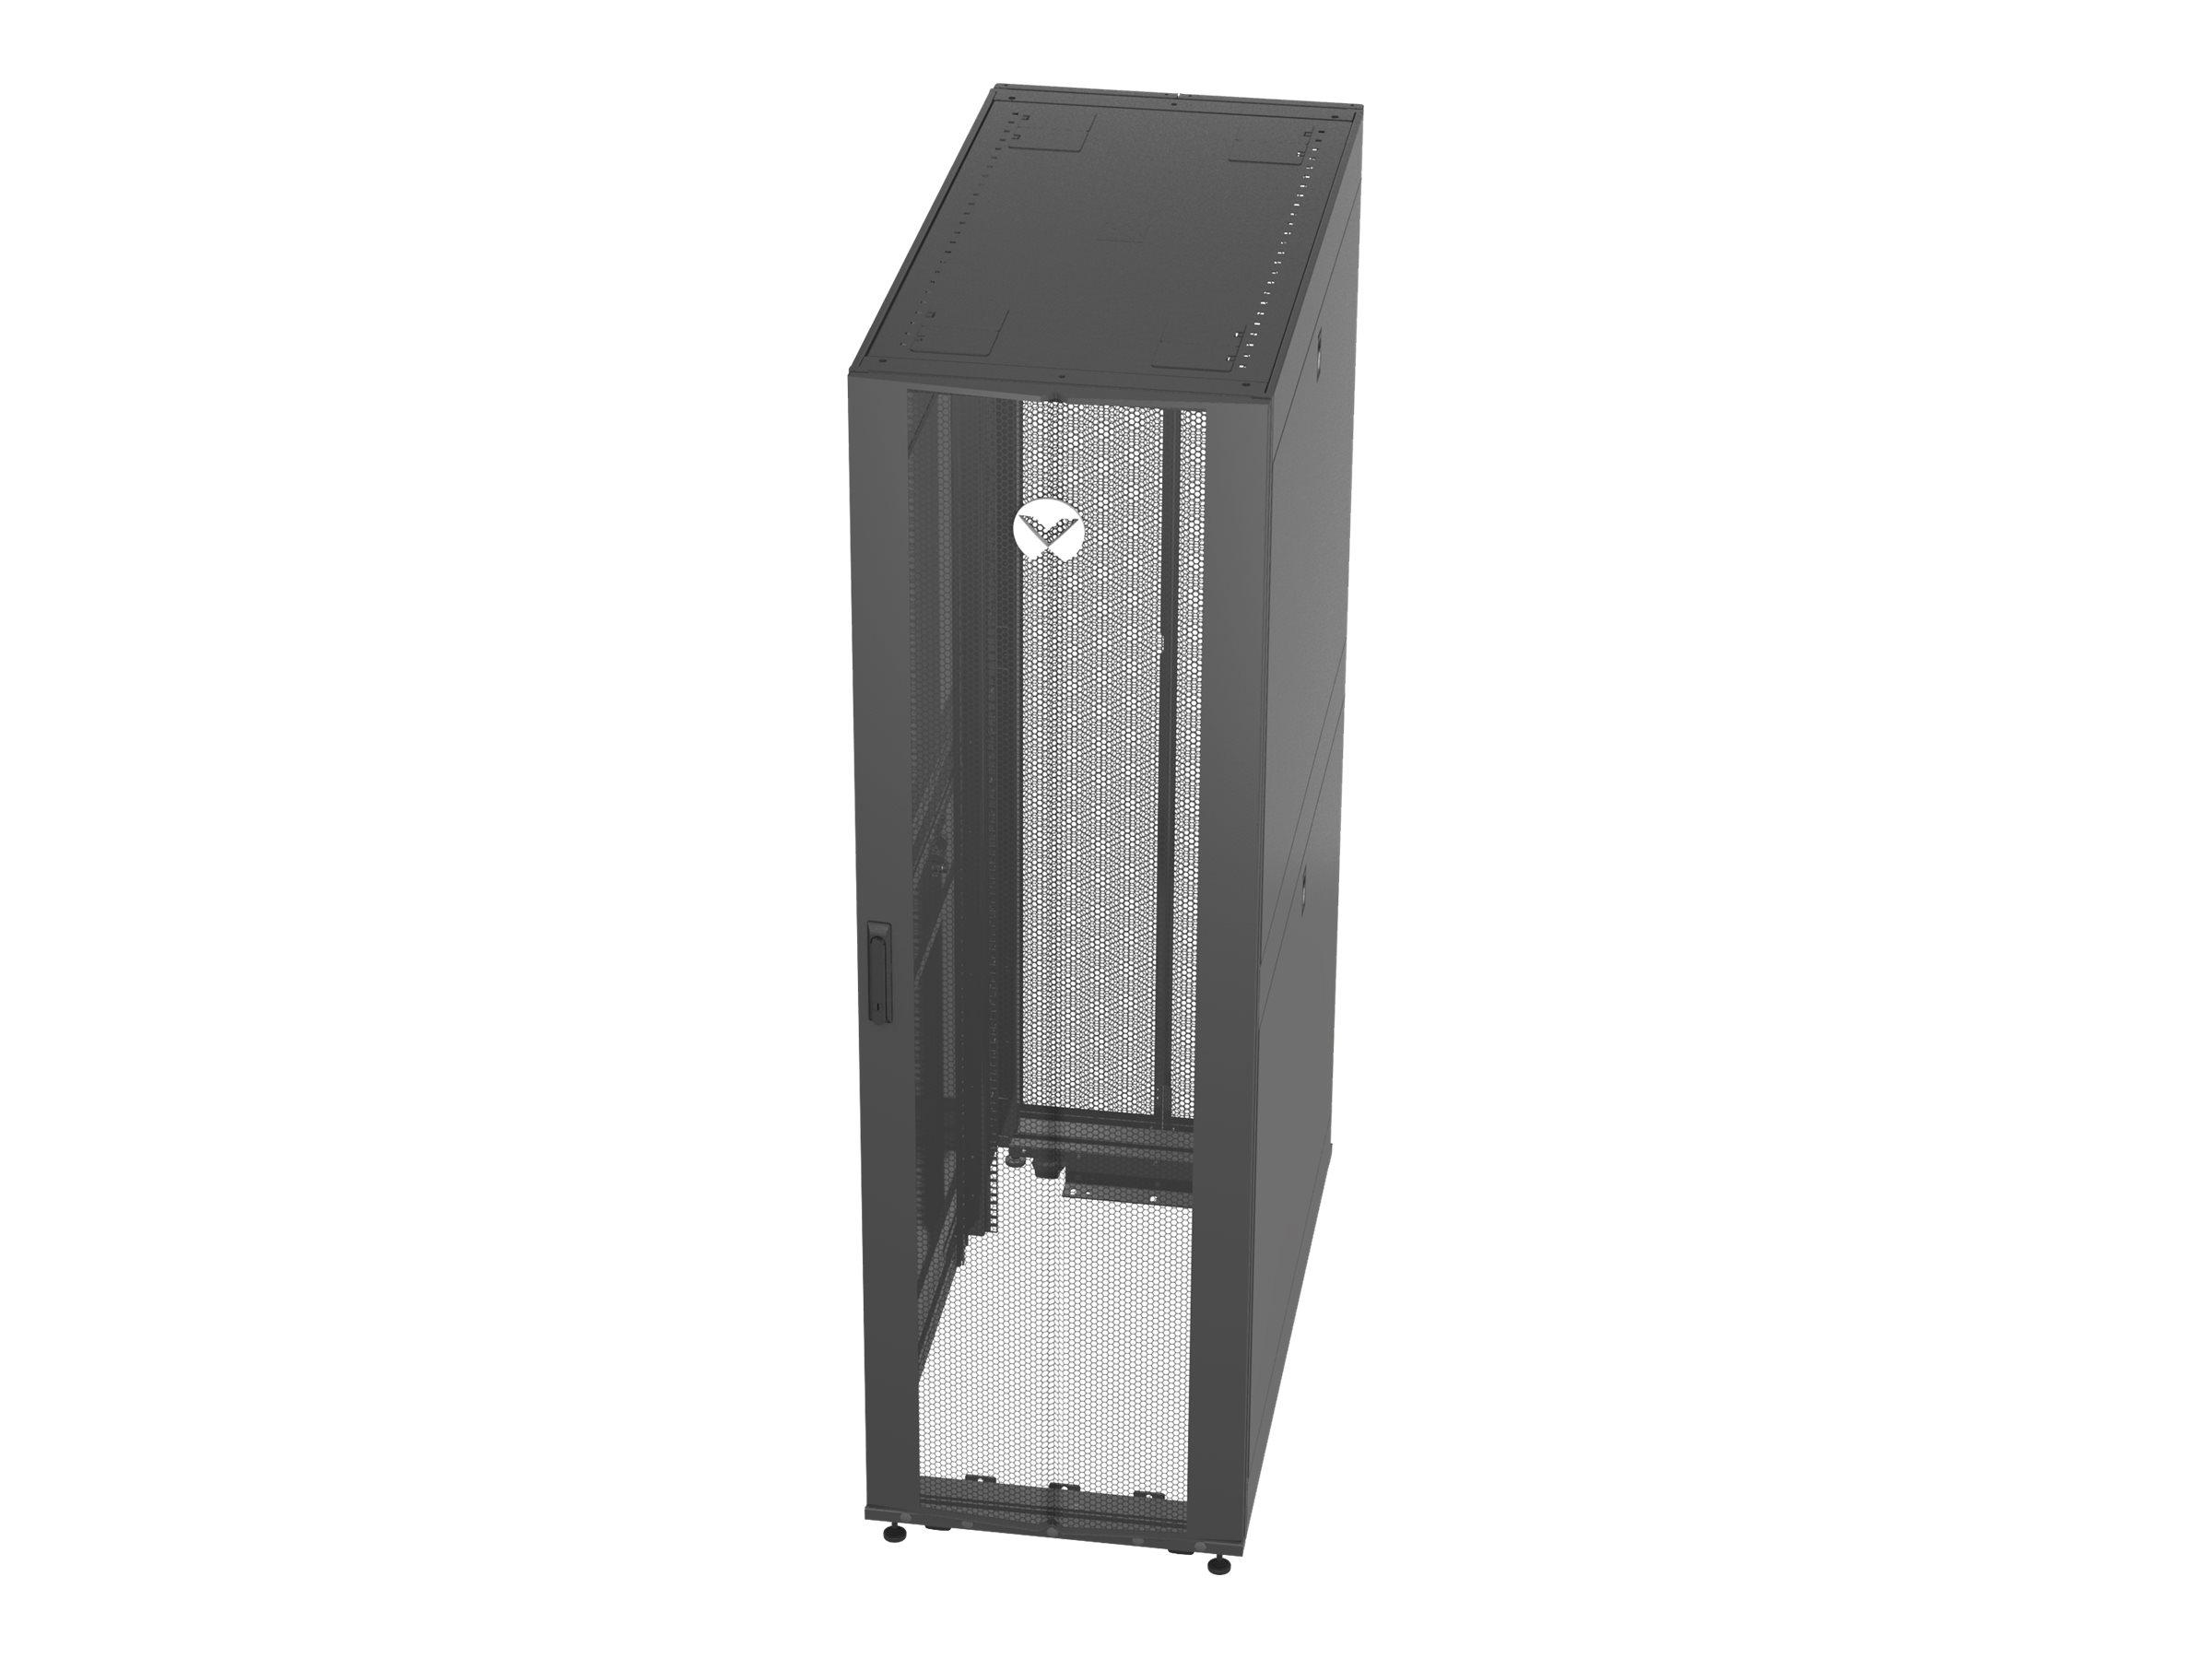 Vertiv VR - Schrank - Netzwerkschrank - Schwarz, RAL 7021 - 42HE - 48.3 cm (19